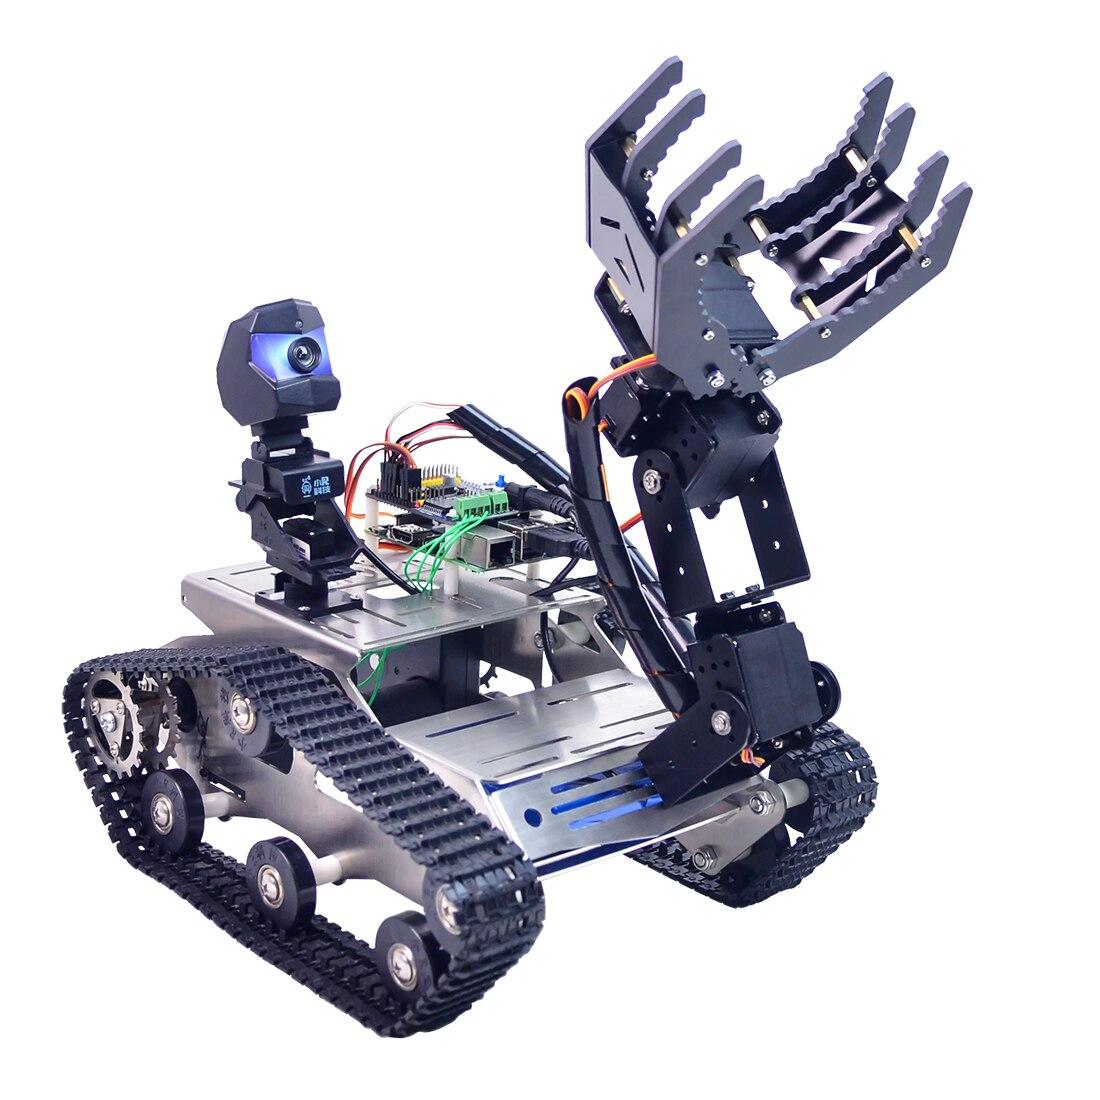 Kit de voiture de Robot de réservoir FPV WiFi Bluetooth Programmable MODIKER avec bras pour Arduino méga Standard grande griffe haute technologie